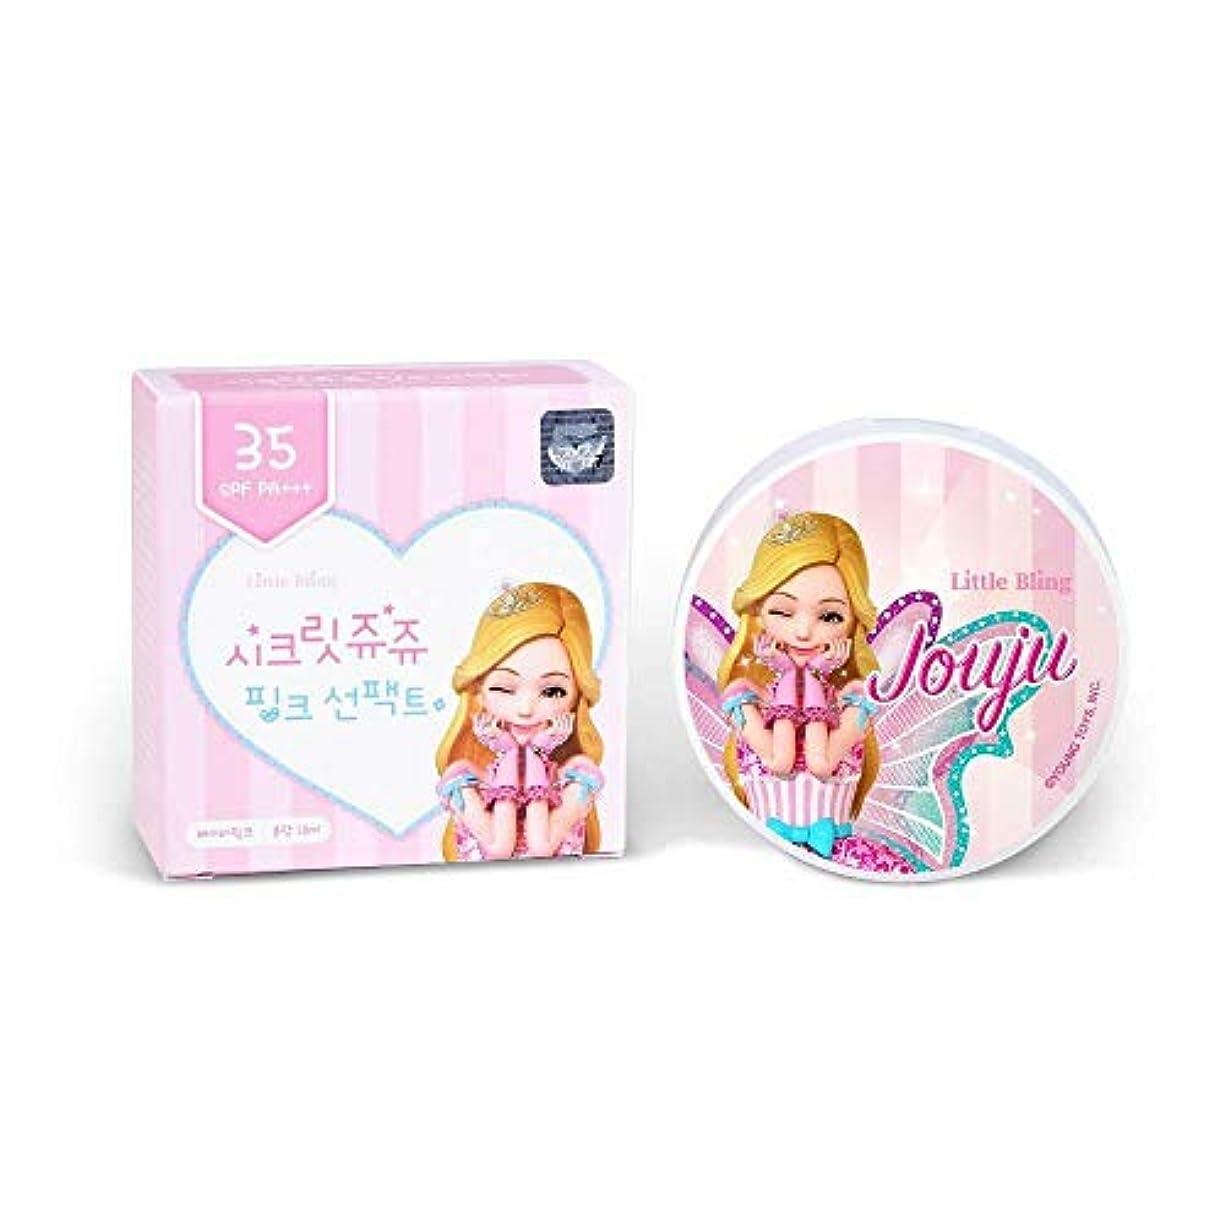 満員職人傾向Little Bling Secret Jouju Pink Sun Pact ピンク サンパクト SPF35 PA+++ 韓国日焼け止め